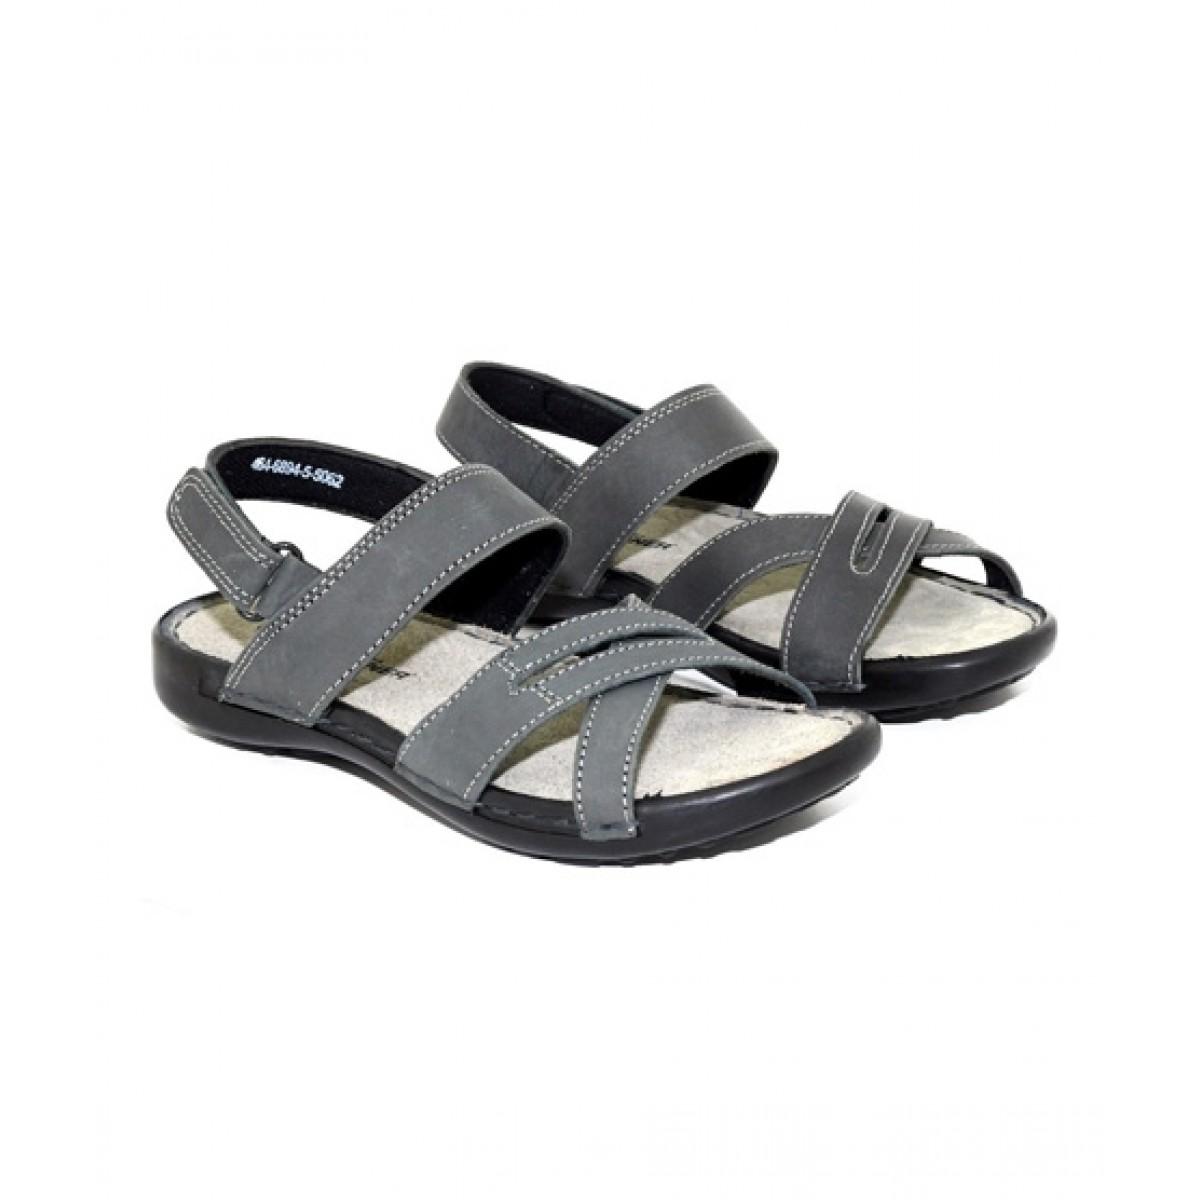 Bata Weinbrenner Sandal For Men Black (464-6894)